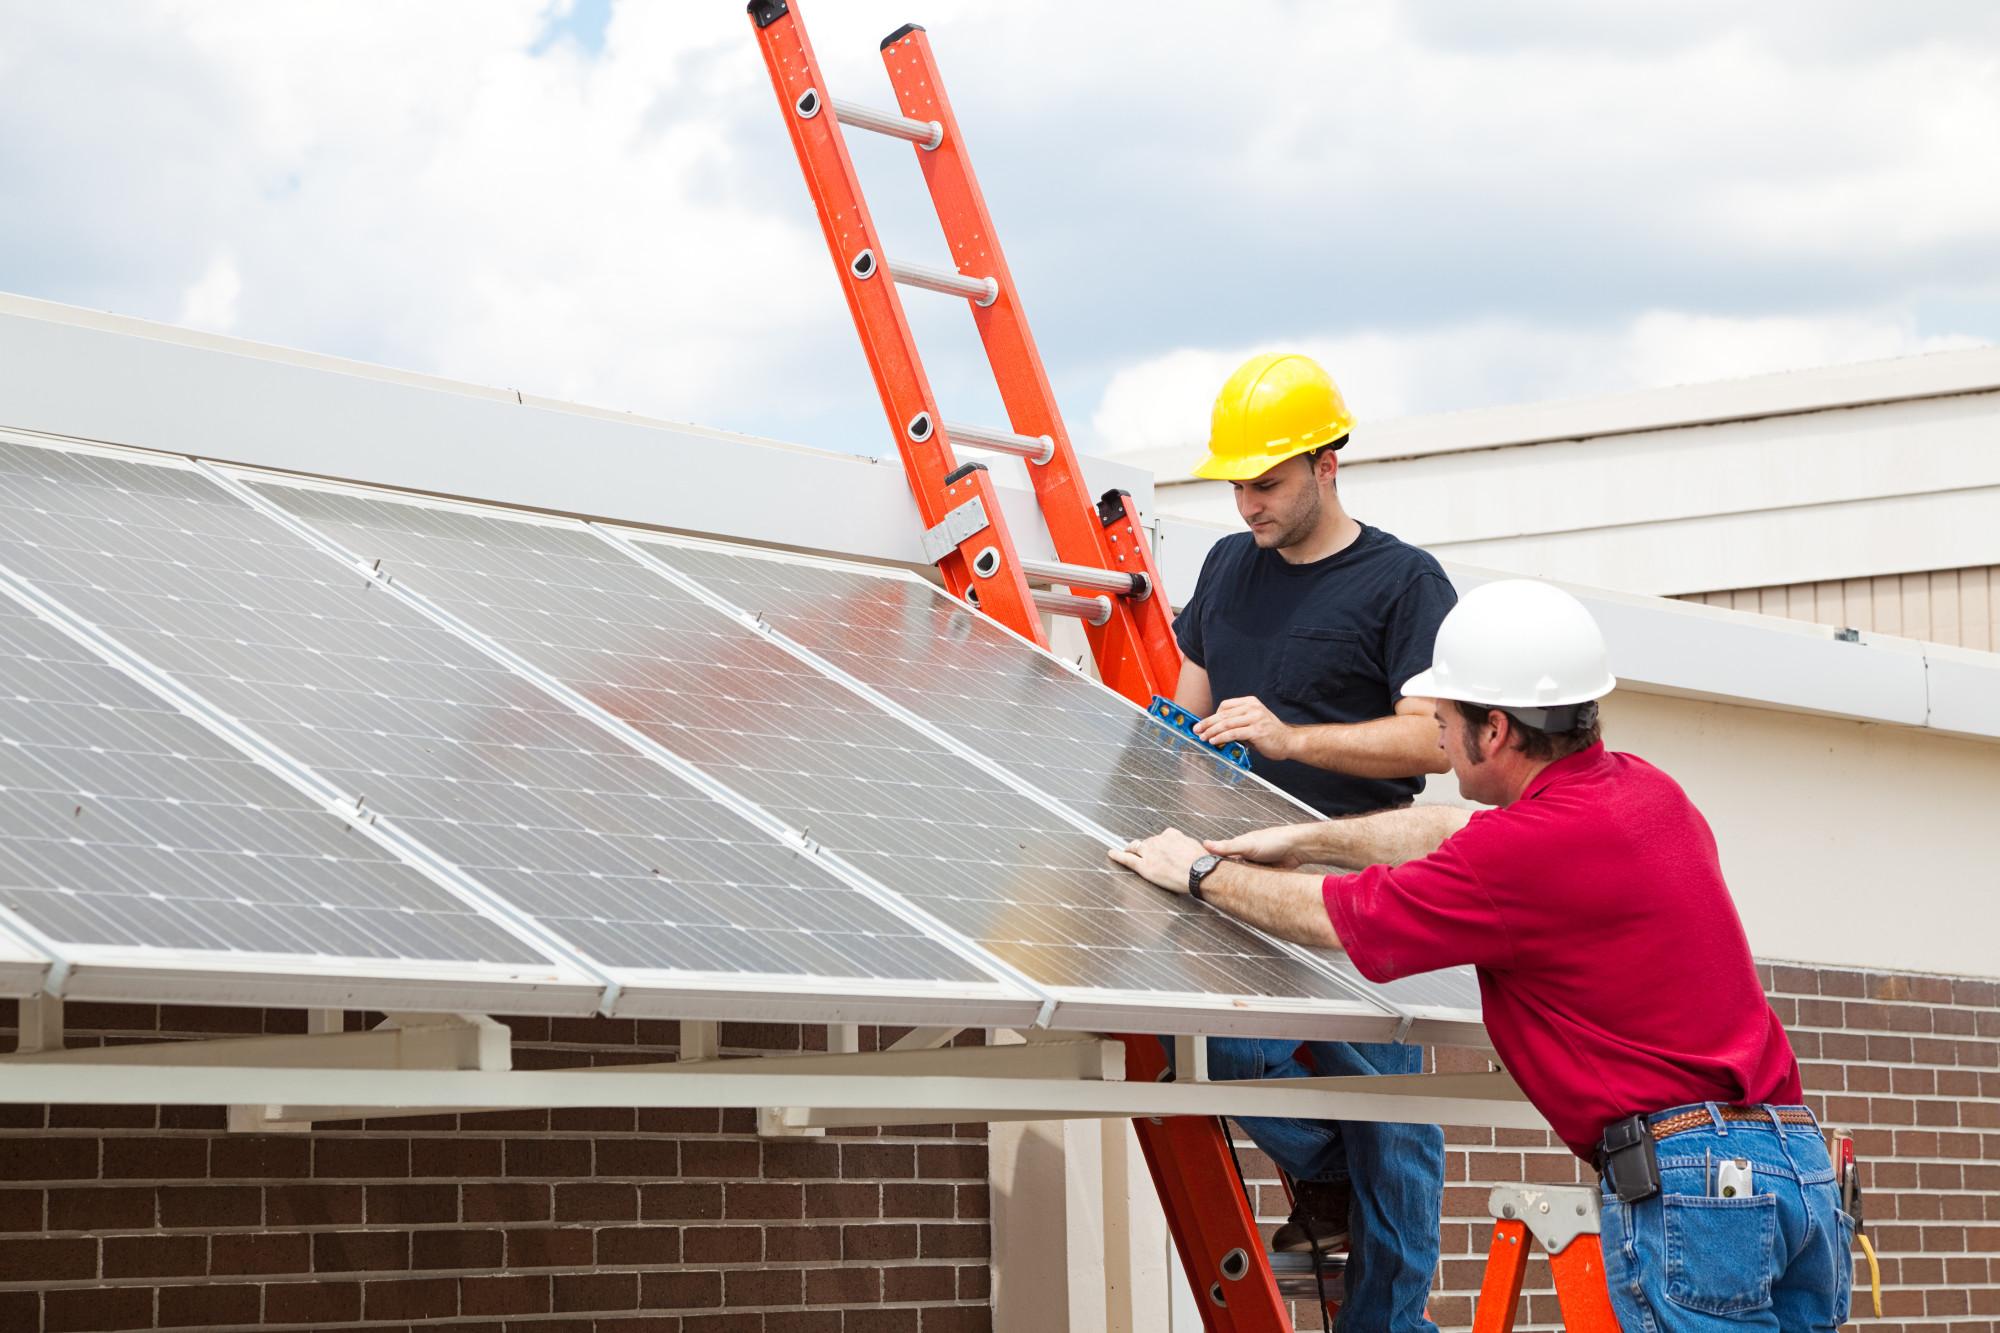 Top 5 Factors to Consider When Hiring a Solar Installer